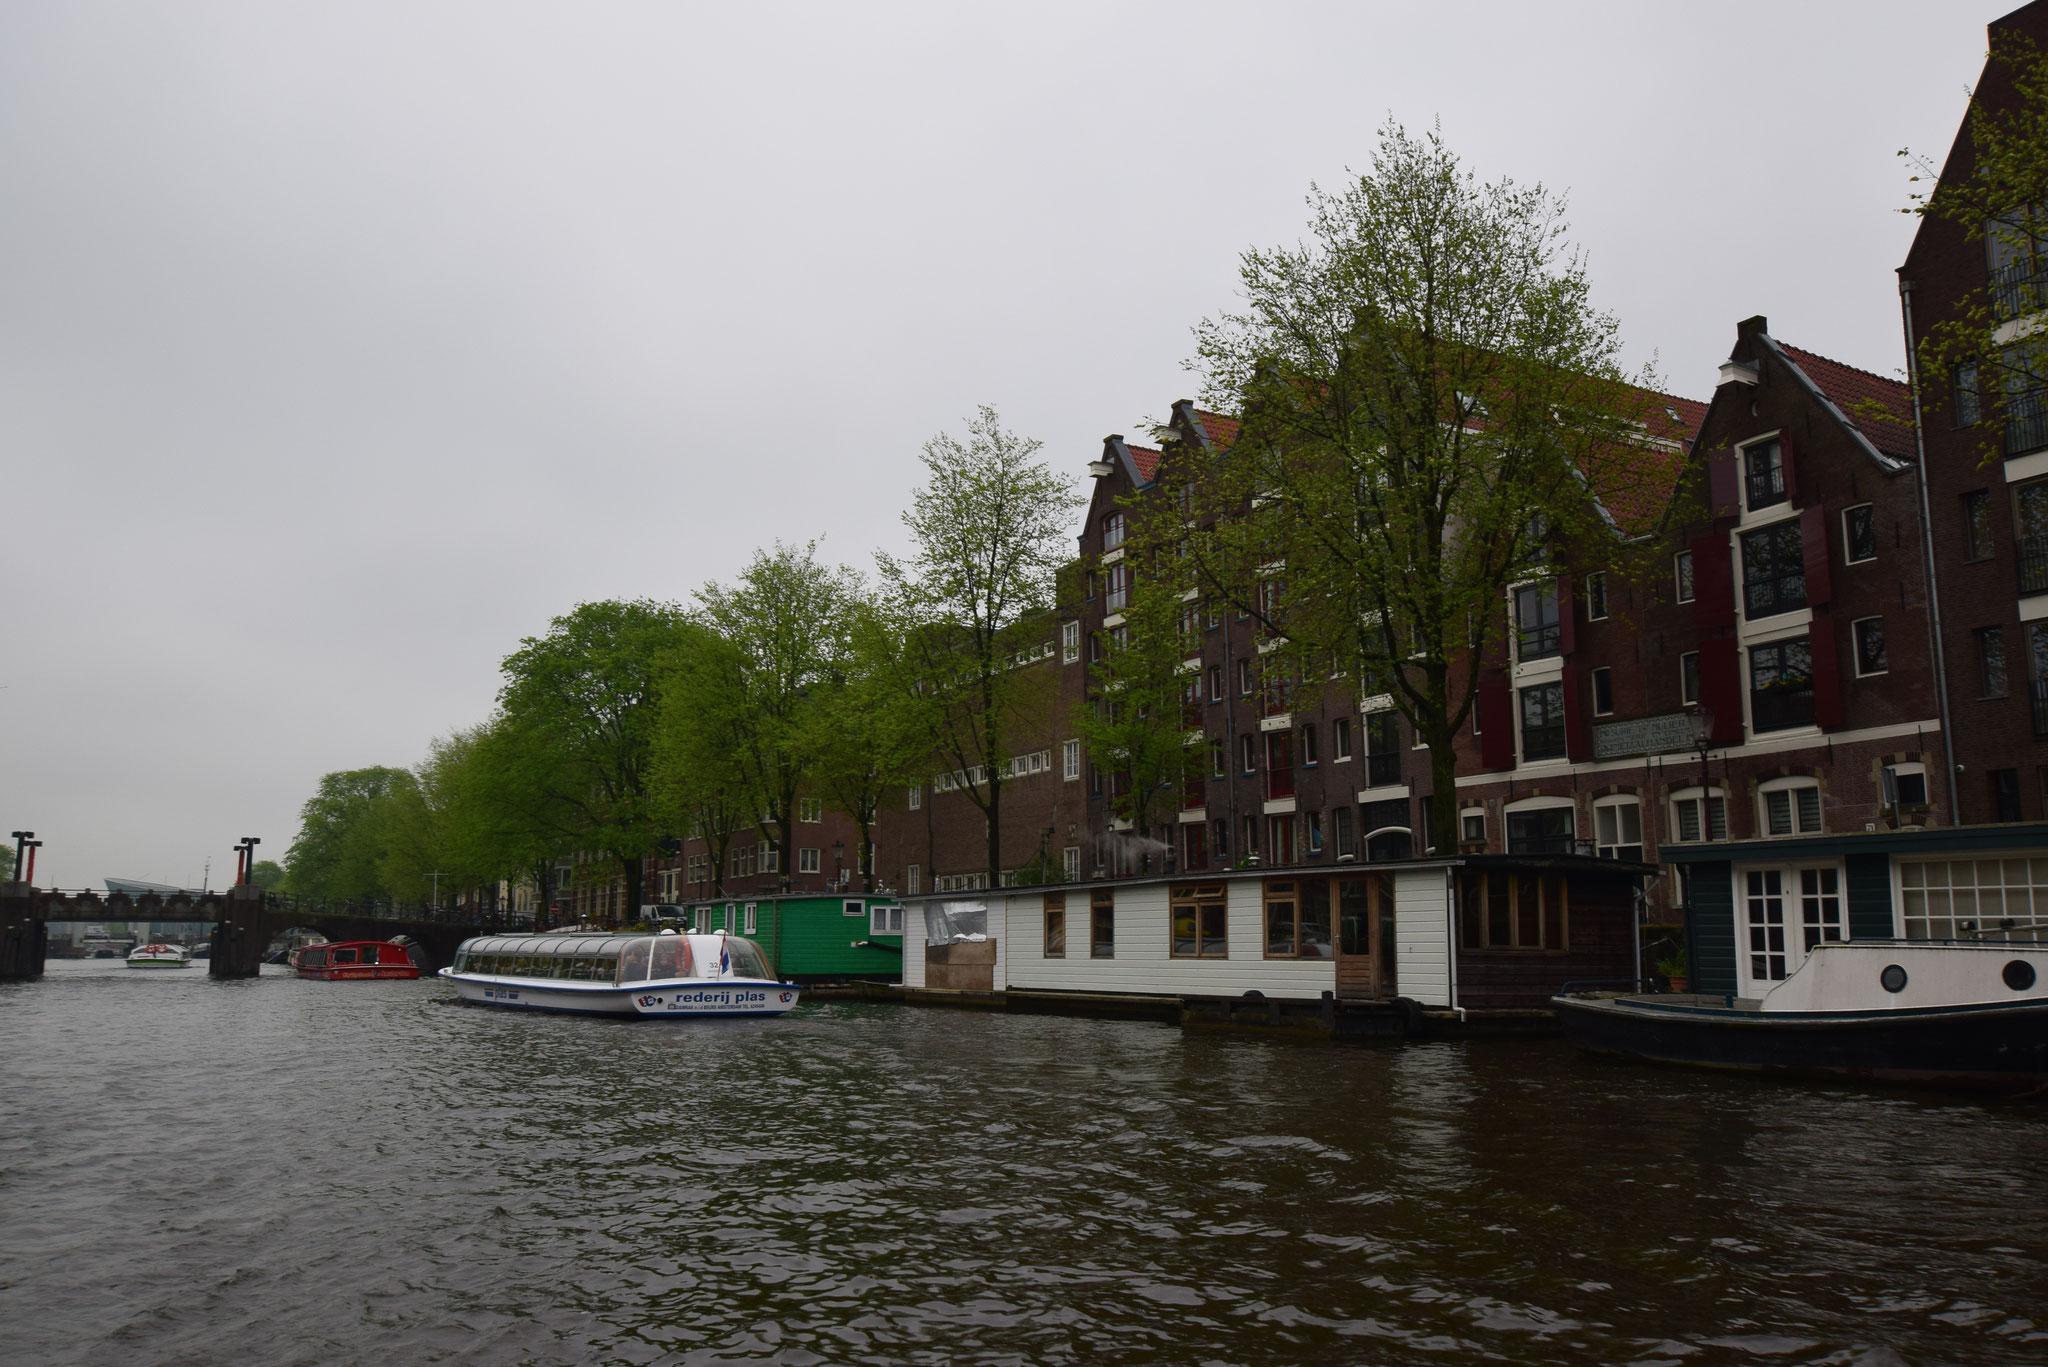 04-18 Auf dem äußeren Kanal